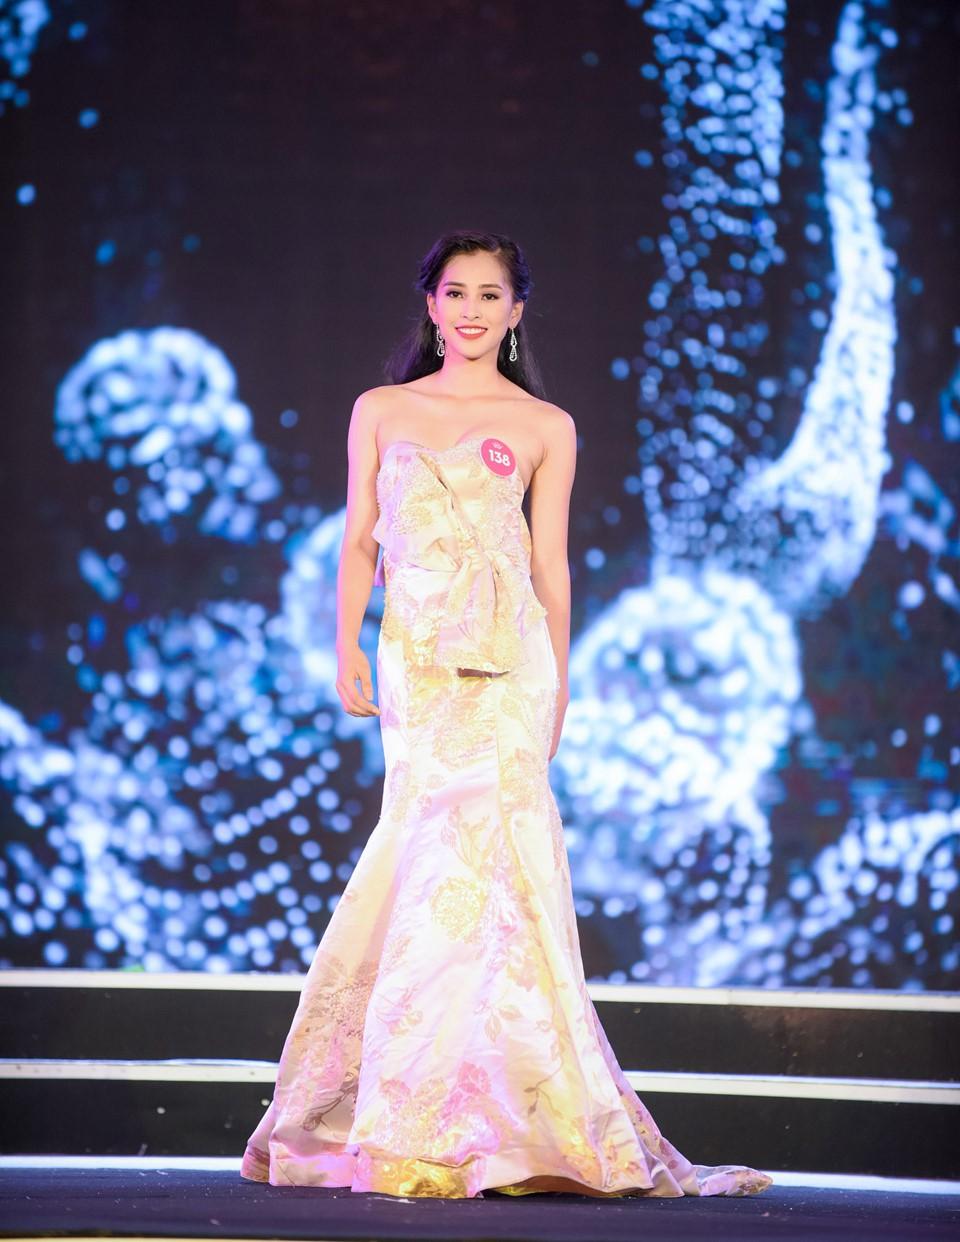 Những điều thú vị của dàn thí sinh lọt vào chung kết Hoa hậu Việt Nam 2018: Người eo nhỏ hơn cả Ngọc Trinh, người đỗ thạc sĩ tại Anh - Ảnh 12.